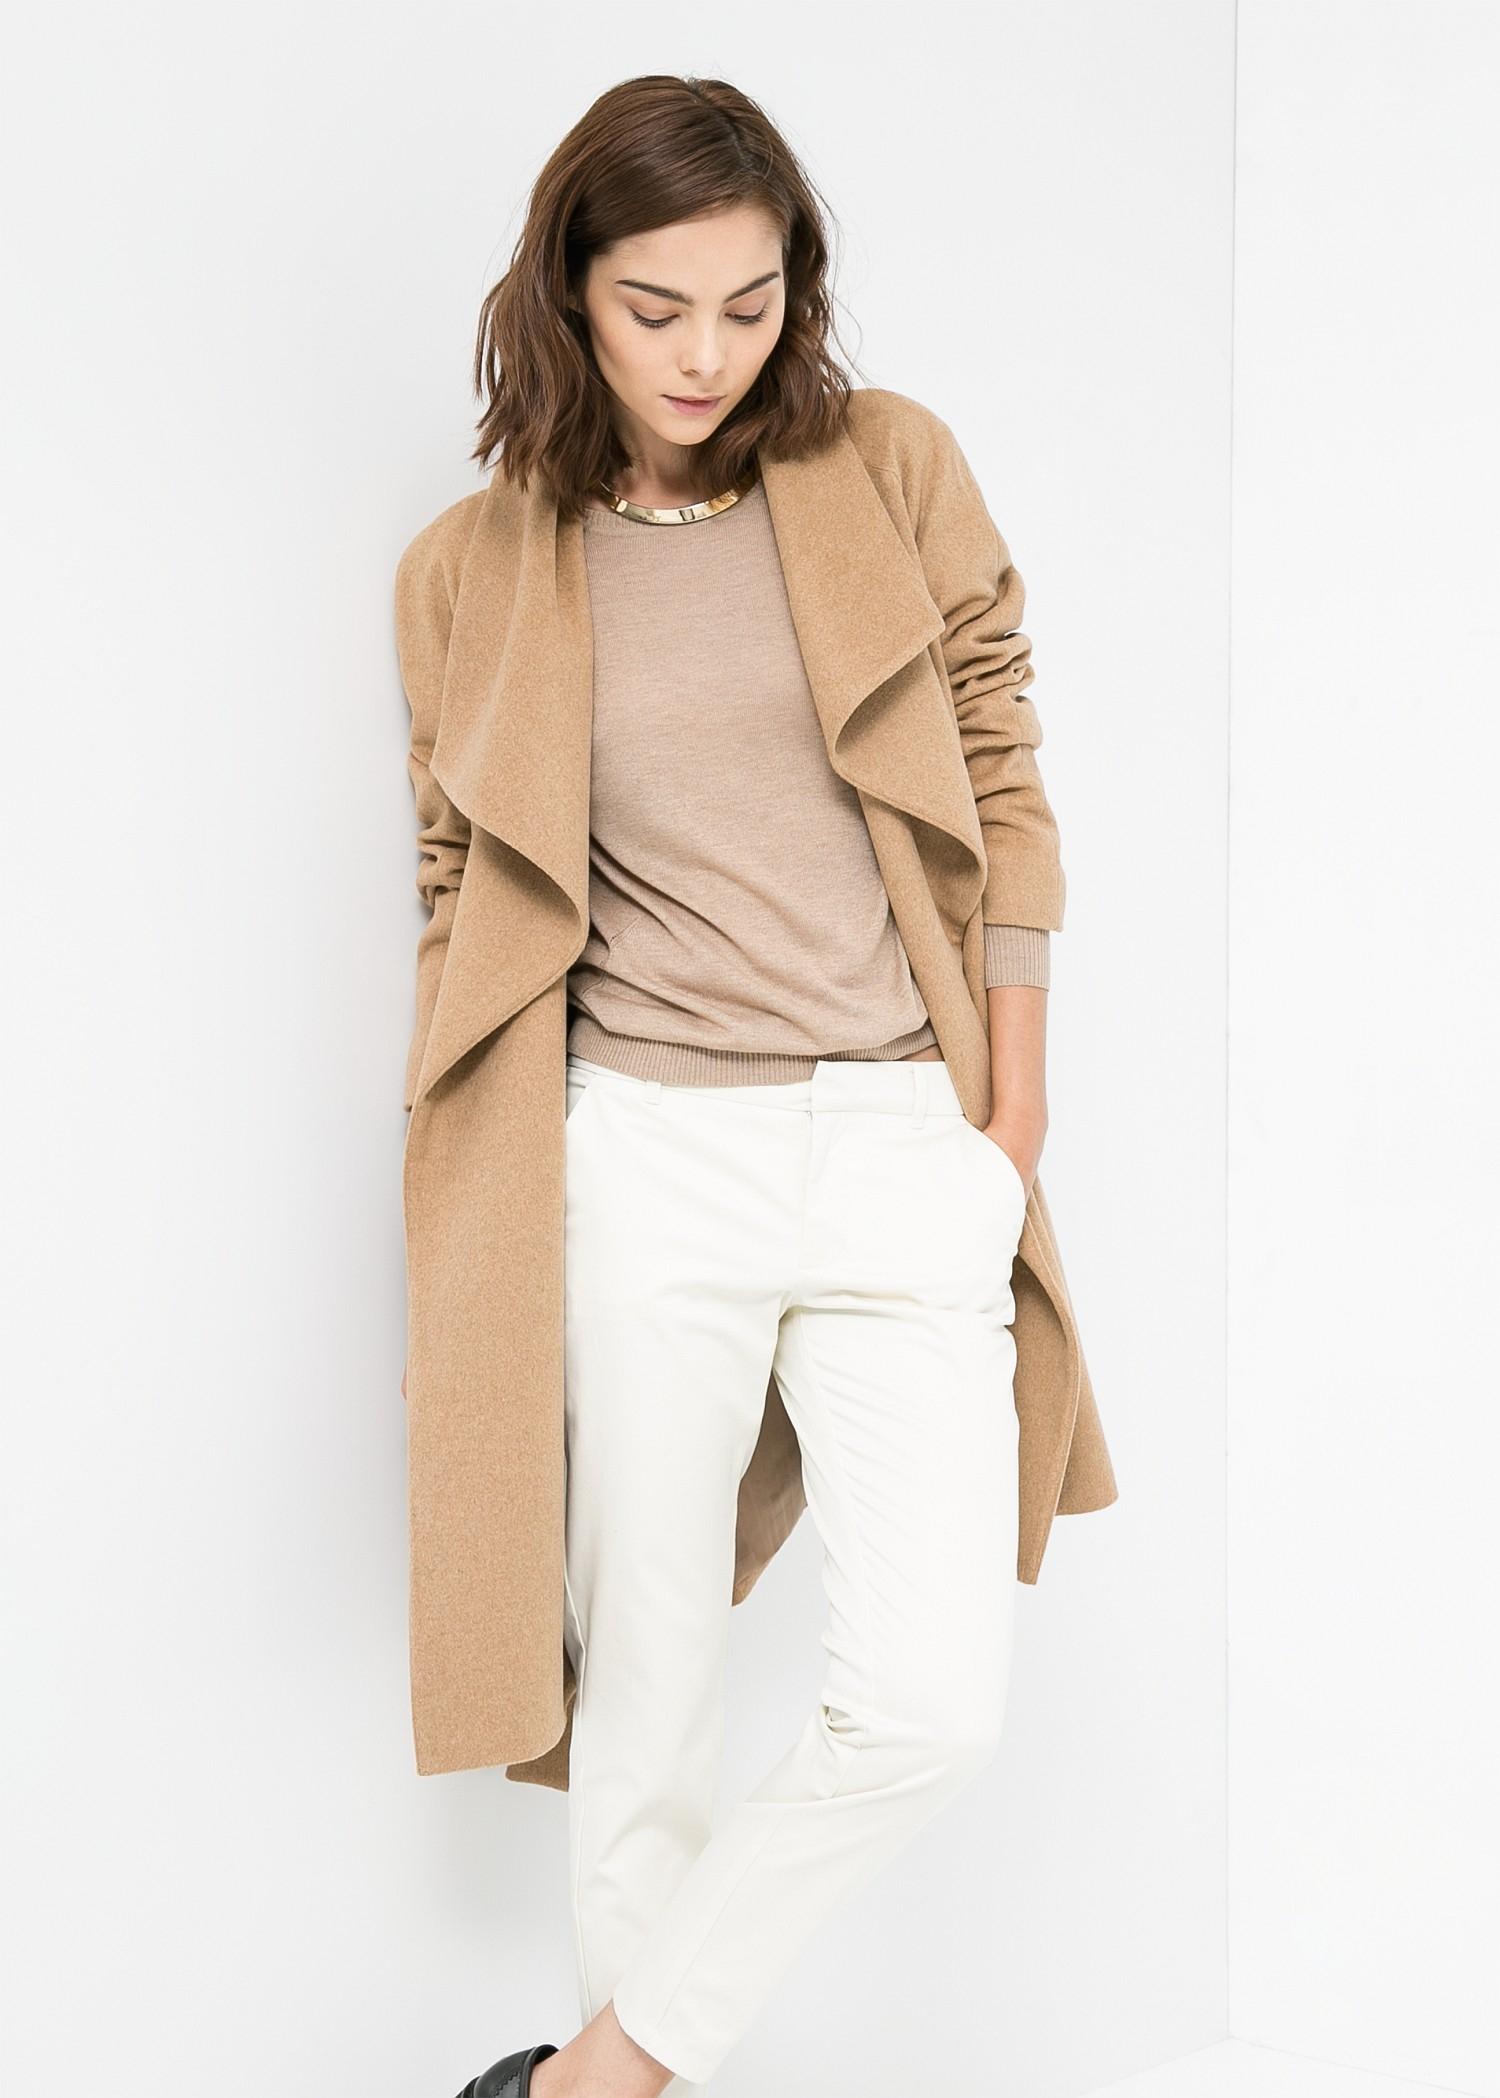 Mango womens coats